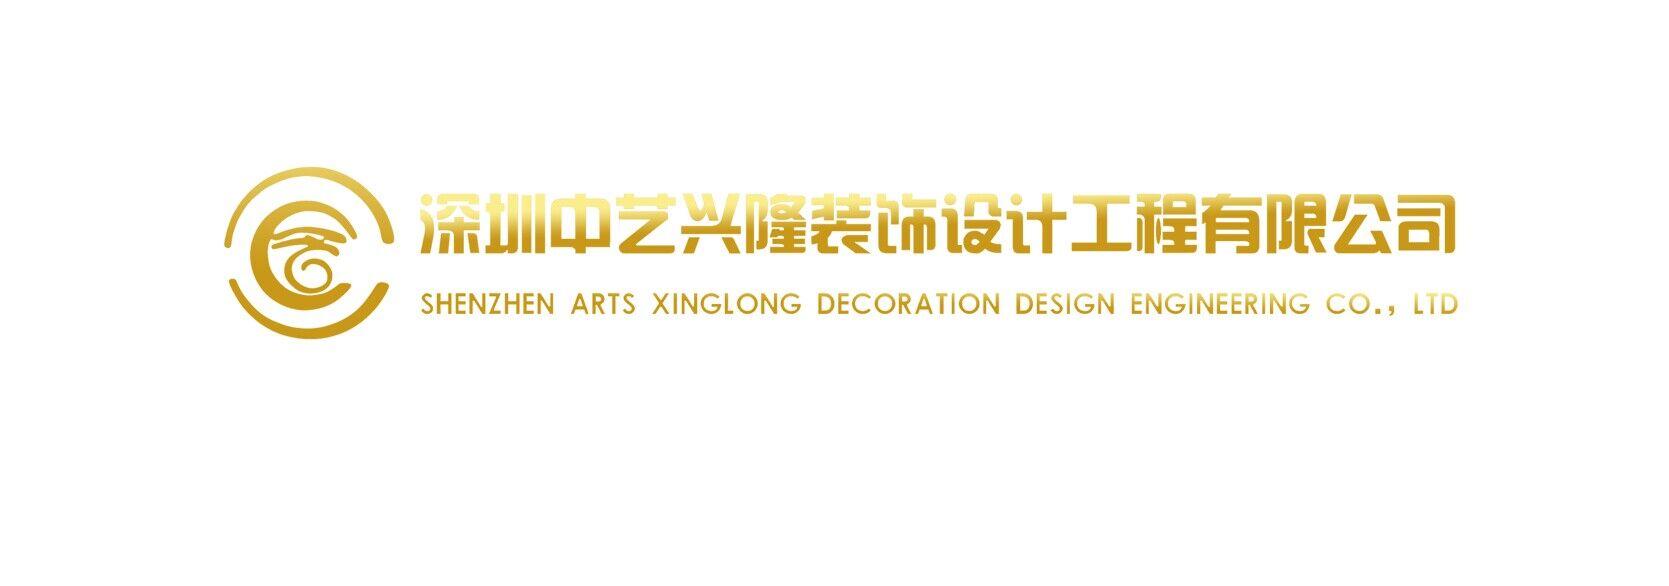 深圳中艺兴隆装饰设计工程有限公司招聘信息